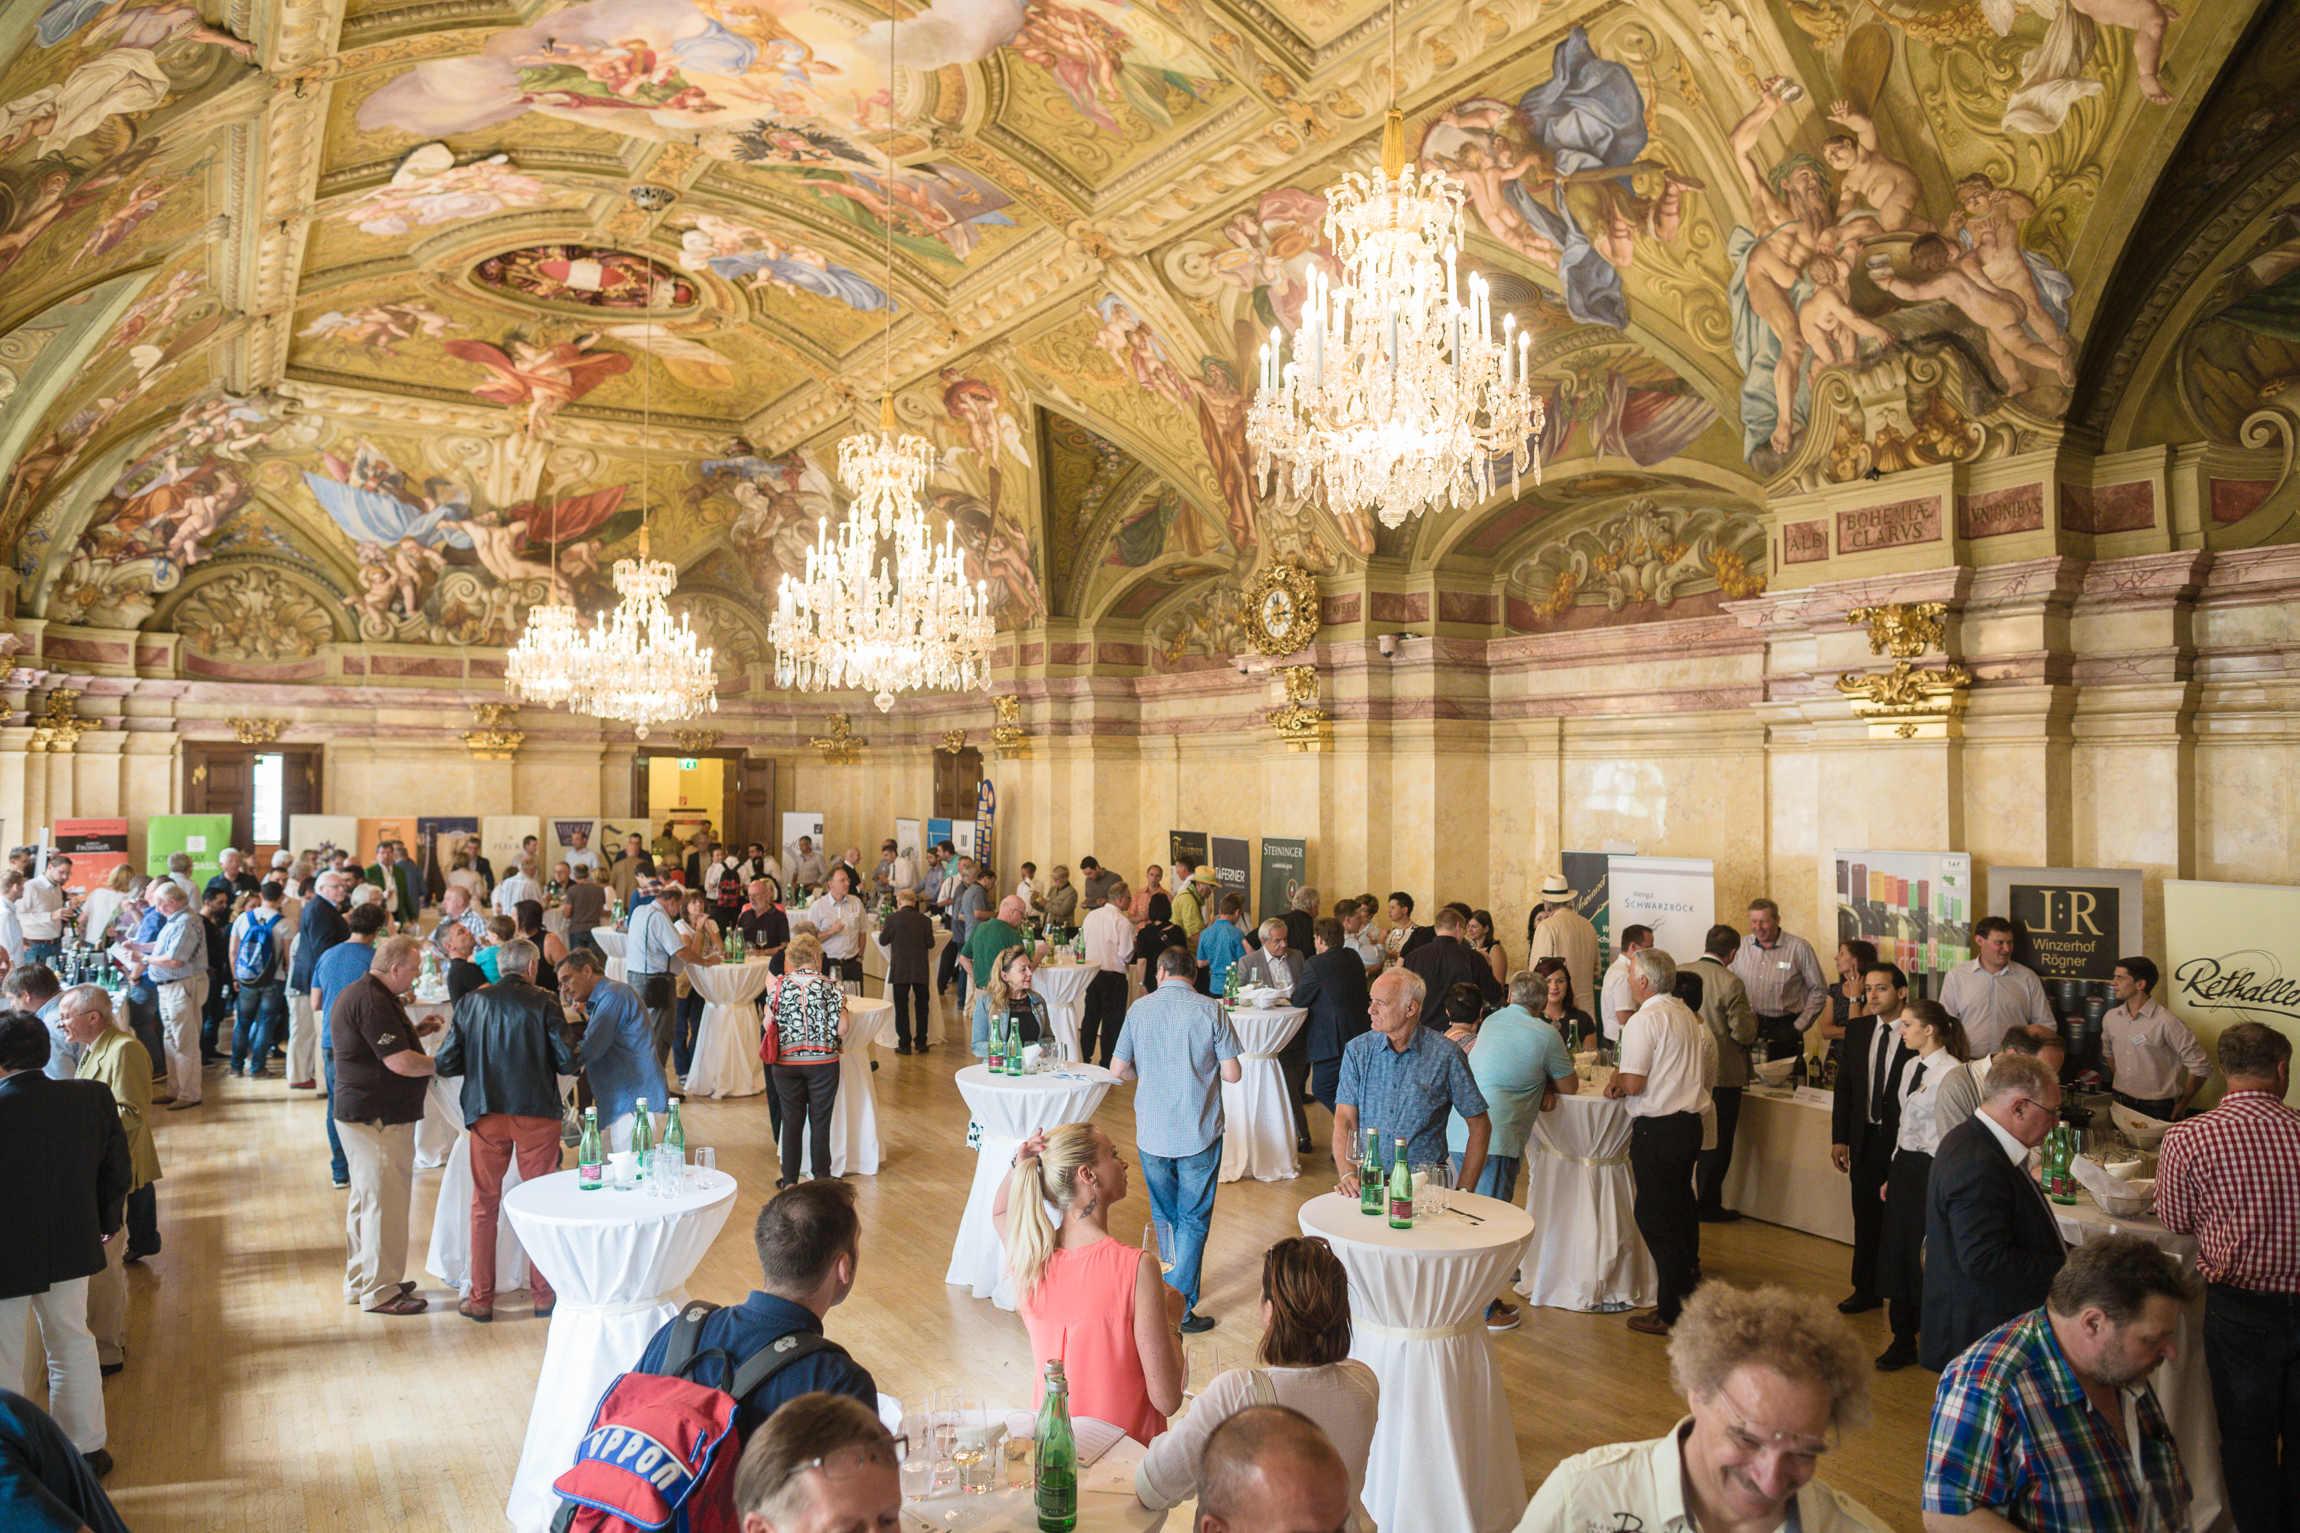 Prächtigster Rahmen für beste Weine: Prunksaal im Palais Niederösterreich in Wien Foto: LWmedia, Florian Schulte